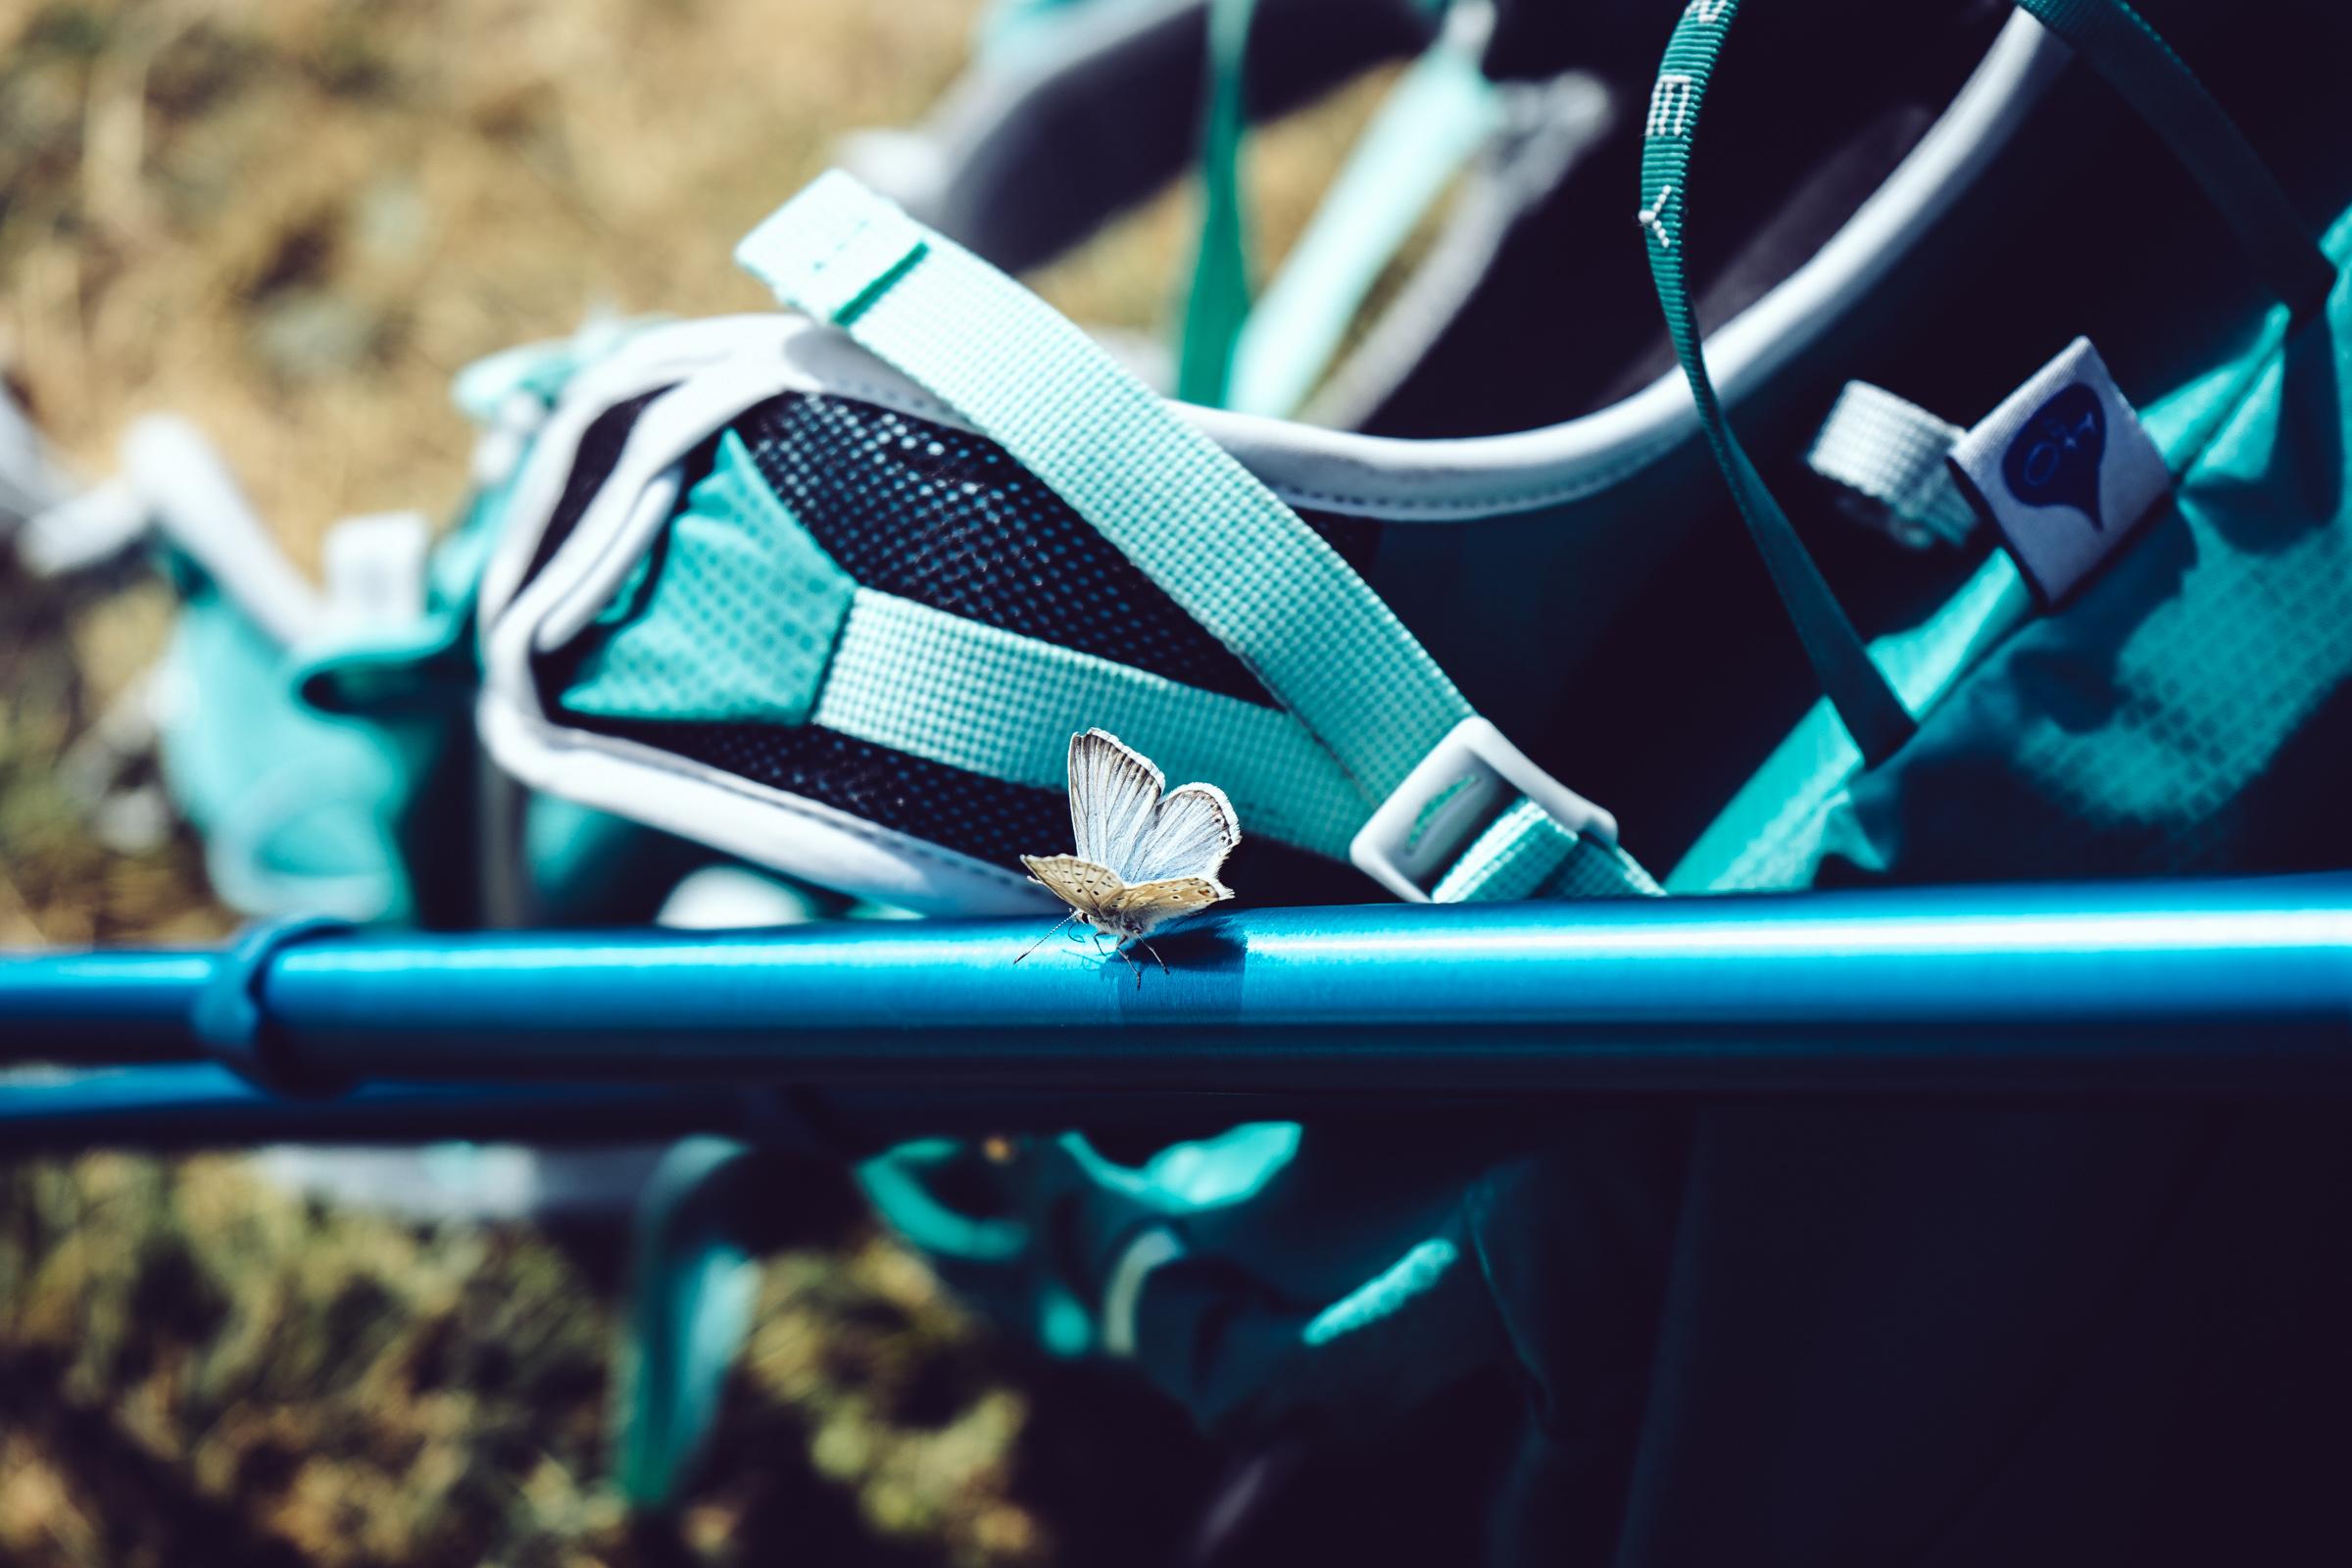 Sac Osprey - Randonnée dans le Vercors